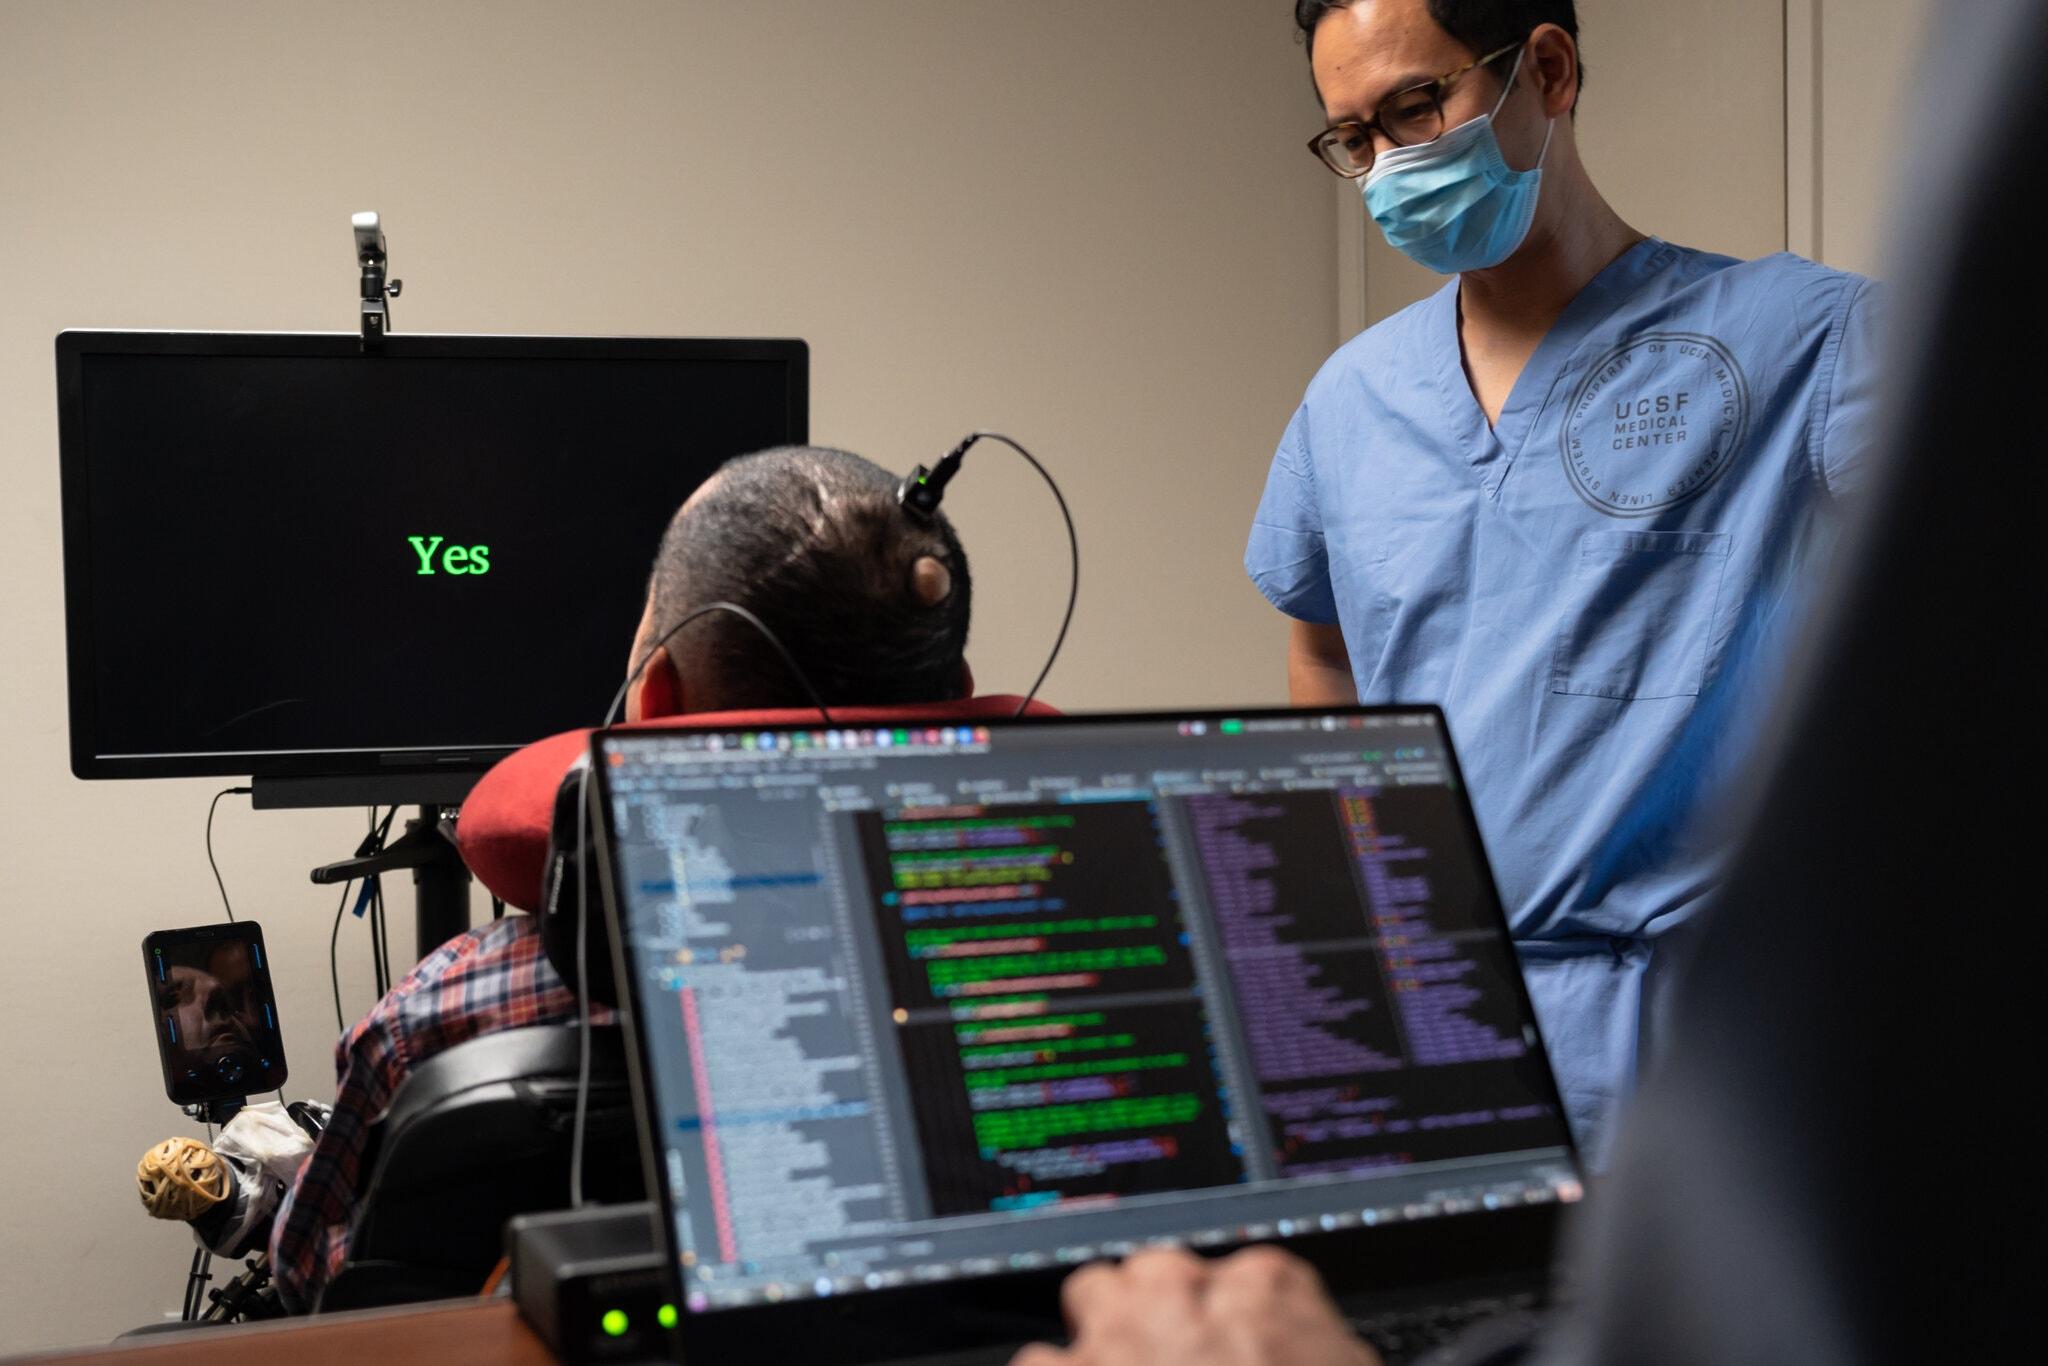 Ученые смогли воспроизвести слова человека, который 18 лет парализован. Ему вживили имплант